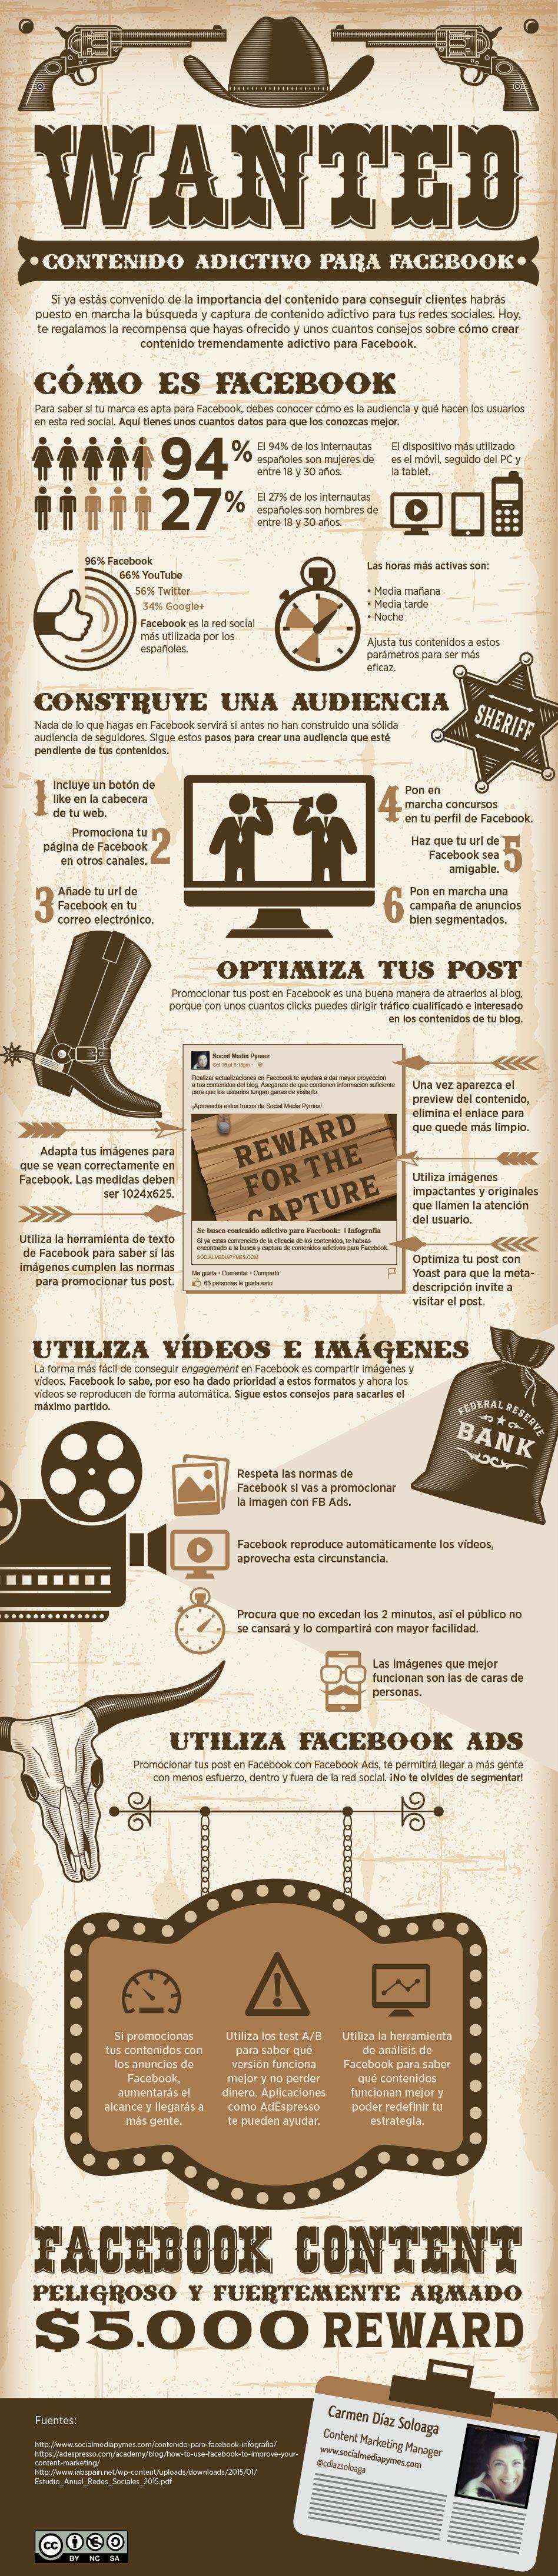 Cómo crear contenido para Facebook que resulte adictivo para los seguidores. Blog de marketing de contenidos.